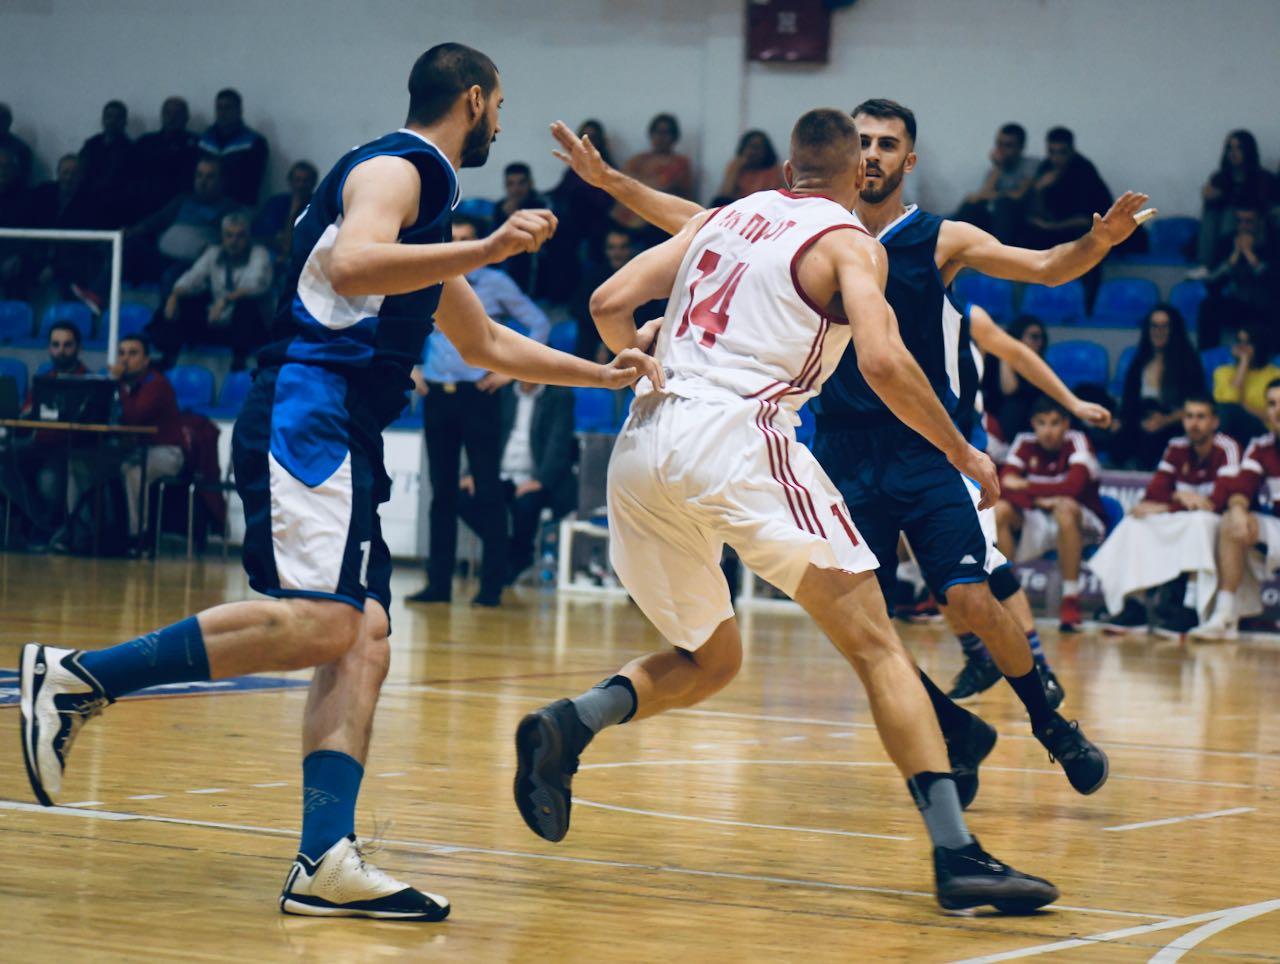 Photo of Košarkaši Pirota slavili i protiv Konstantina za fenomenalan skor 10:2